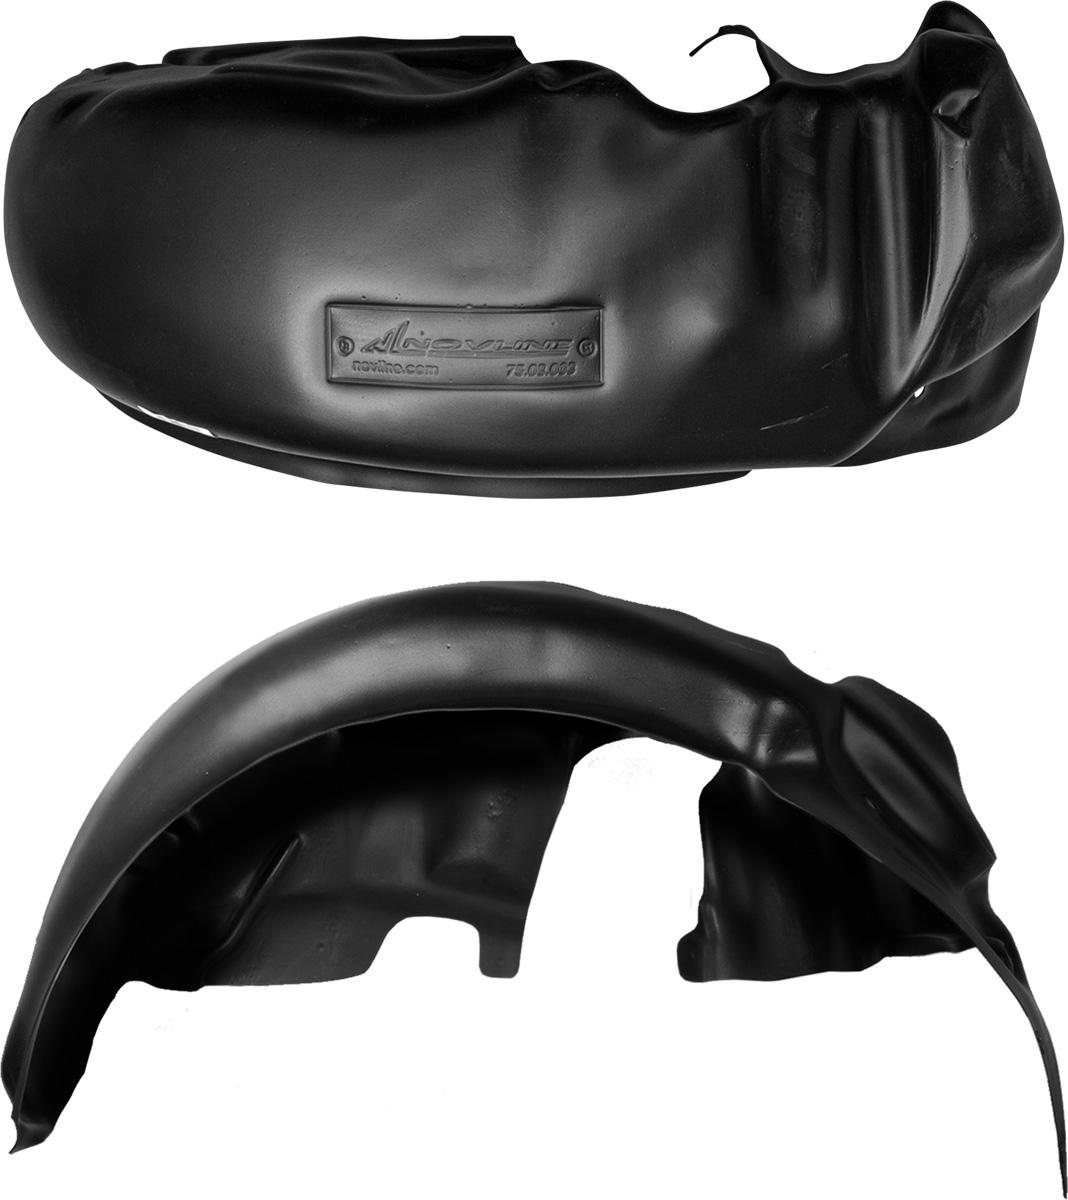 Подкрылок RENAULT Duster 4x2, 2011-2015, задний правыйCA-3505Колесные ниши – одни из самых уязвимых зон днища вашего автомобиля. Они постоянно подвергаются воздействию со стороны дороги. Лучшая, почти абсолютная защита для них - специально отформованные пластиковые кожухи, которые называются подкрылками, или локерами. Производятся они как для отечественных моделей автомобилей, так и для иномарок. Подкрылки выполнены из высококачественного, экологически чистого пластика. Обеспечивают надежную защиту кузова автомобиля от пескоструйного эффекта и негативного влияния, агрессивных антигололедных реагентов. Пластик обладает более низкой теплопроводностью, чем металл, поэтому в зимний период эксплуатации использование пластиковых подкрылков позволяет лучше защитить колесные ниши от налипания снега и образования наледи. Оригинальность конструкции подчеркивает элегантность автомобиля, бережно защищает нанесенное на днище кузова антикоррозийное покрытие и позволяет осуществить крепление подкрылков внутри колесной арки практически без дополнительного крепежа и сверления, не нарушая при этом лакокрасочного покрытия, что предотвращает возникновение новых очагов коррозии. Технология крепления подкрылков на иномарки принципиально отличается от крепления на российские автомобили и разрабатывается индивидуально для каждой модели автомобиля. Подкрылки долговечны, обладают высокой прочностью и сохраняют заданную форму, а также все свои физико-механические характеристики в самых тяжелых климатических условиях ( от -50° С до + 50° С).